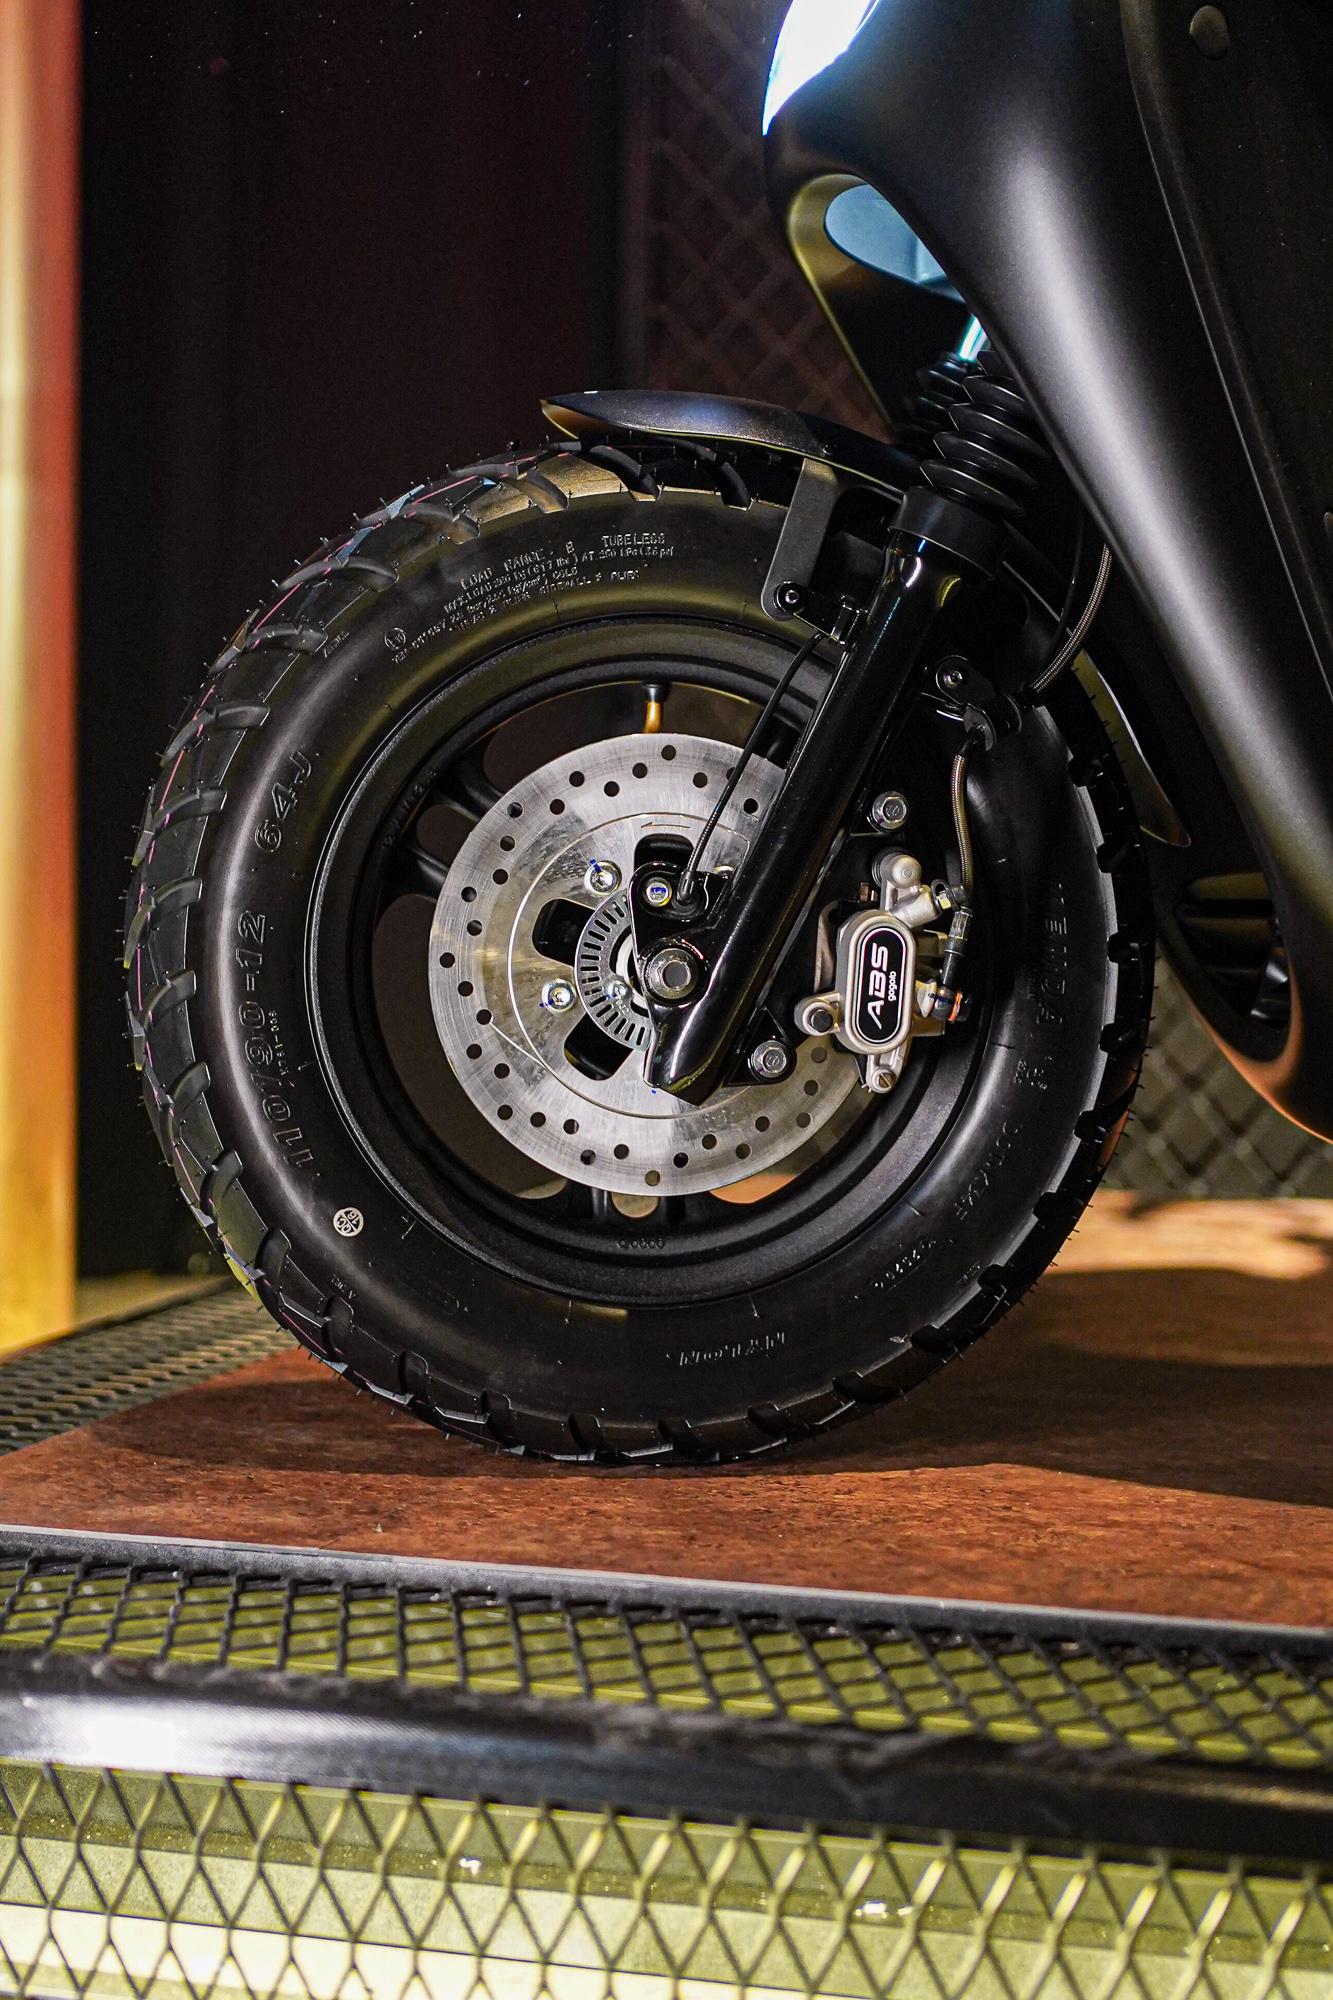 輪圈運用消光霧黑的塗裝,同時搭配 12 吋的多功能性能胎,能夠從容的應付各式各樣的地形。